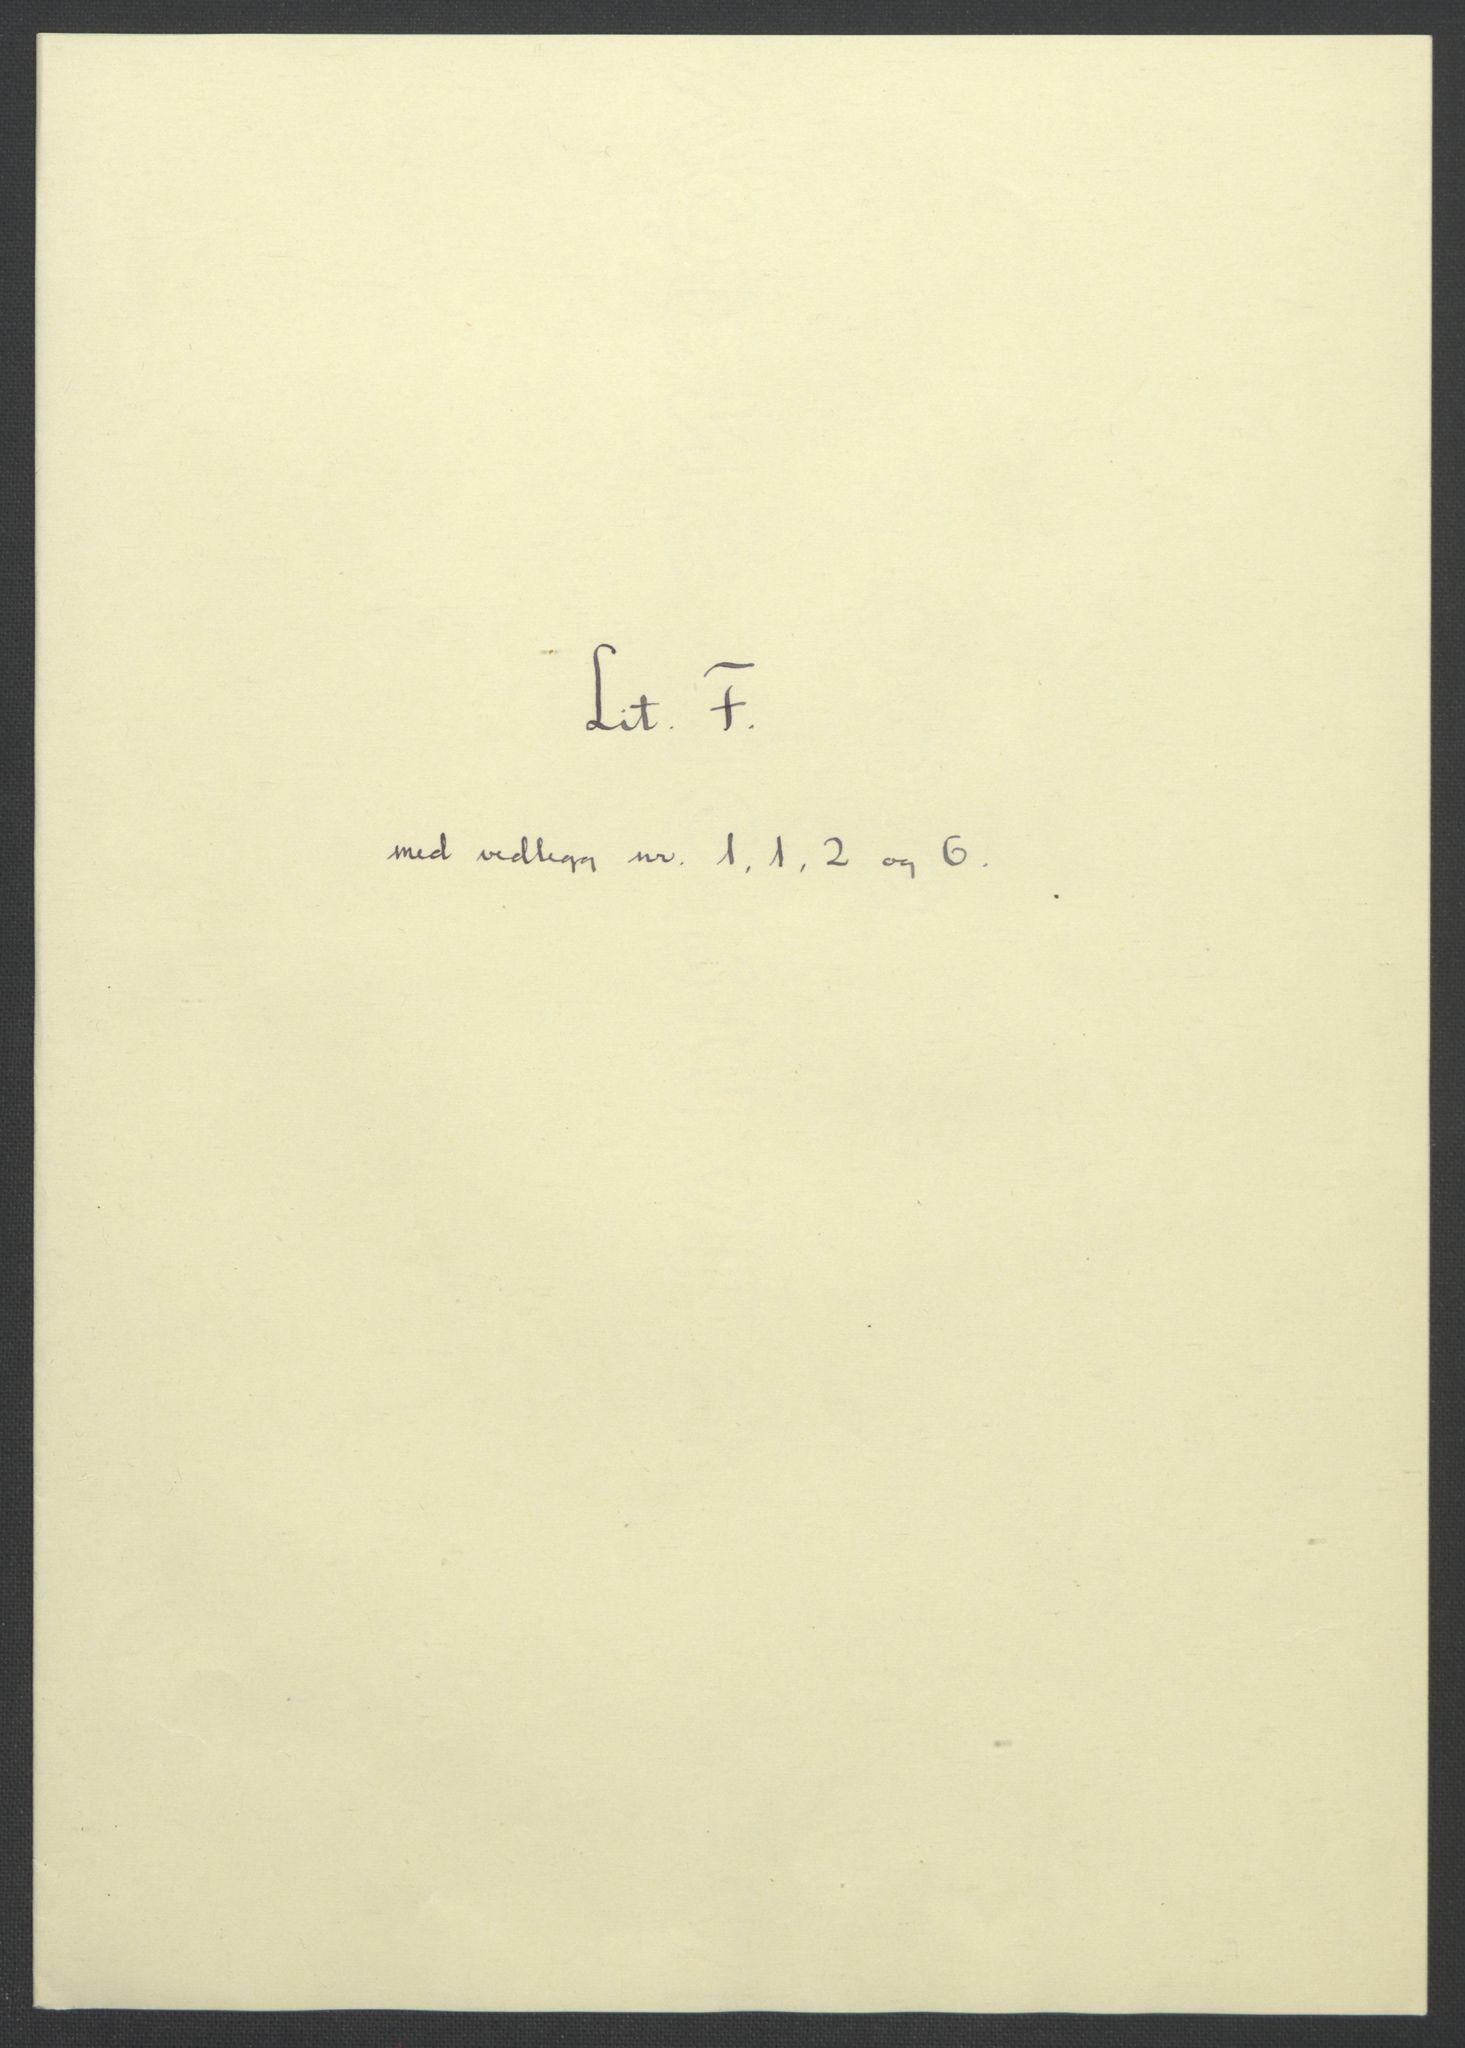 RA, Rentekammeret inntil 1814, Reviderte regnskaper, Fogderegnskap, R53/L3422: Fogderegnskap Sunn- og Nordfjord, 1695-1696, s. 149